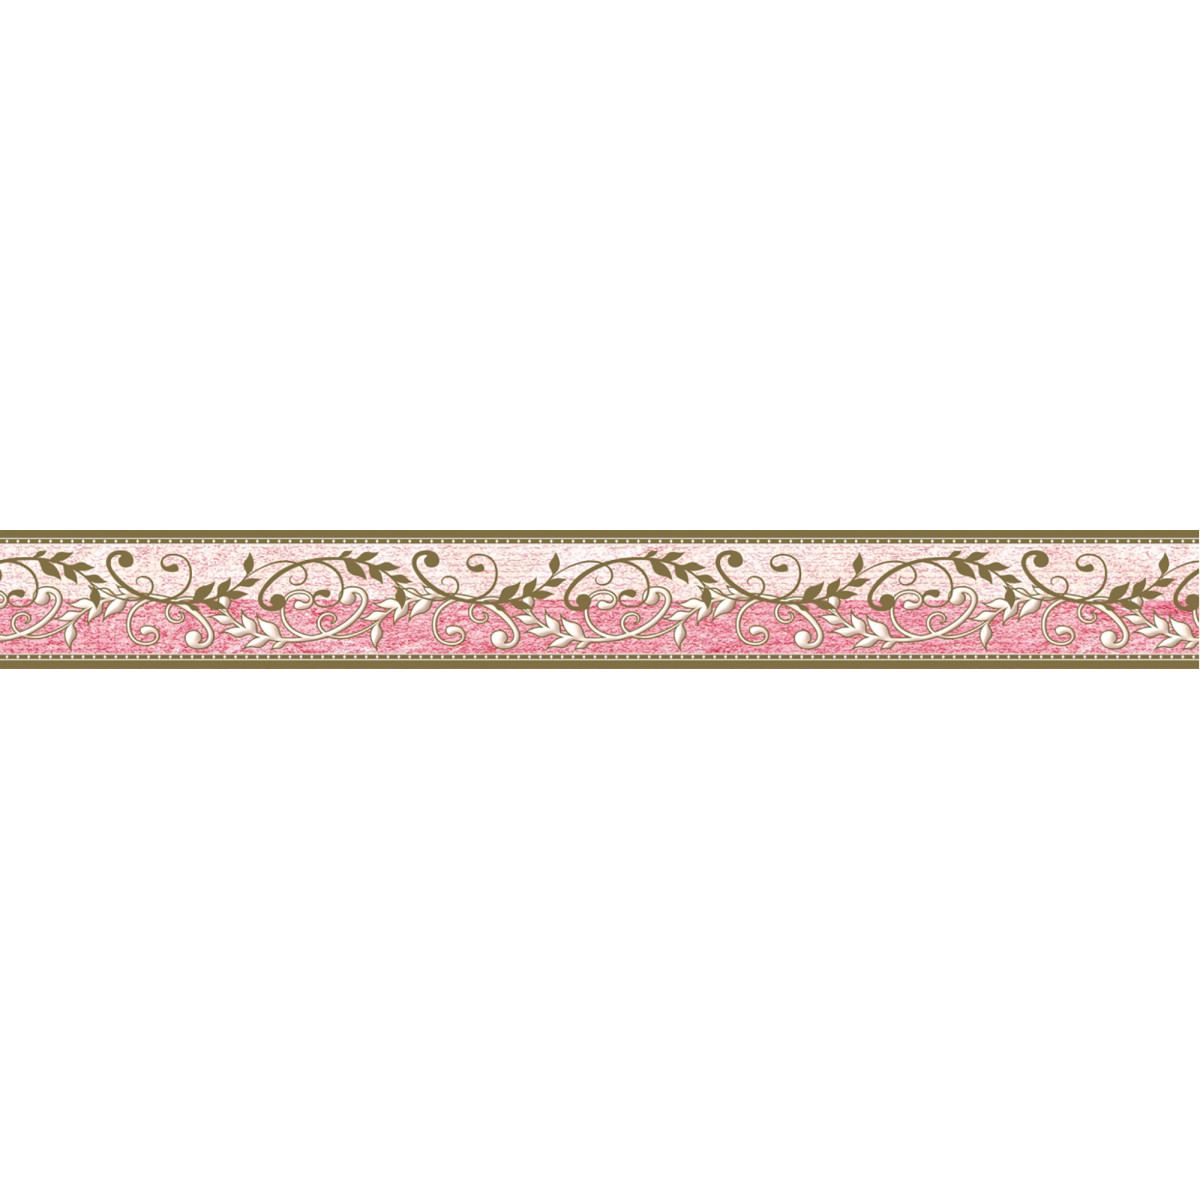 Бордюр бумажный «Симфония» Б-025 0.04x1.4 м вензель цвет бежевый/розовый